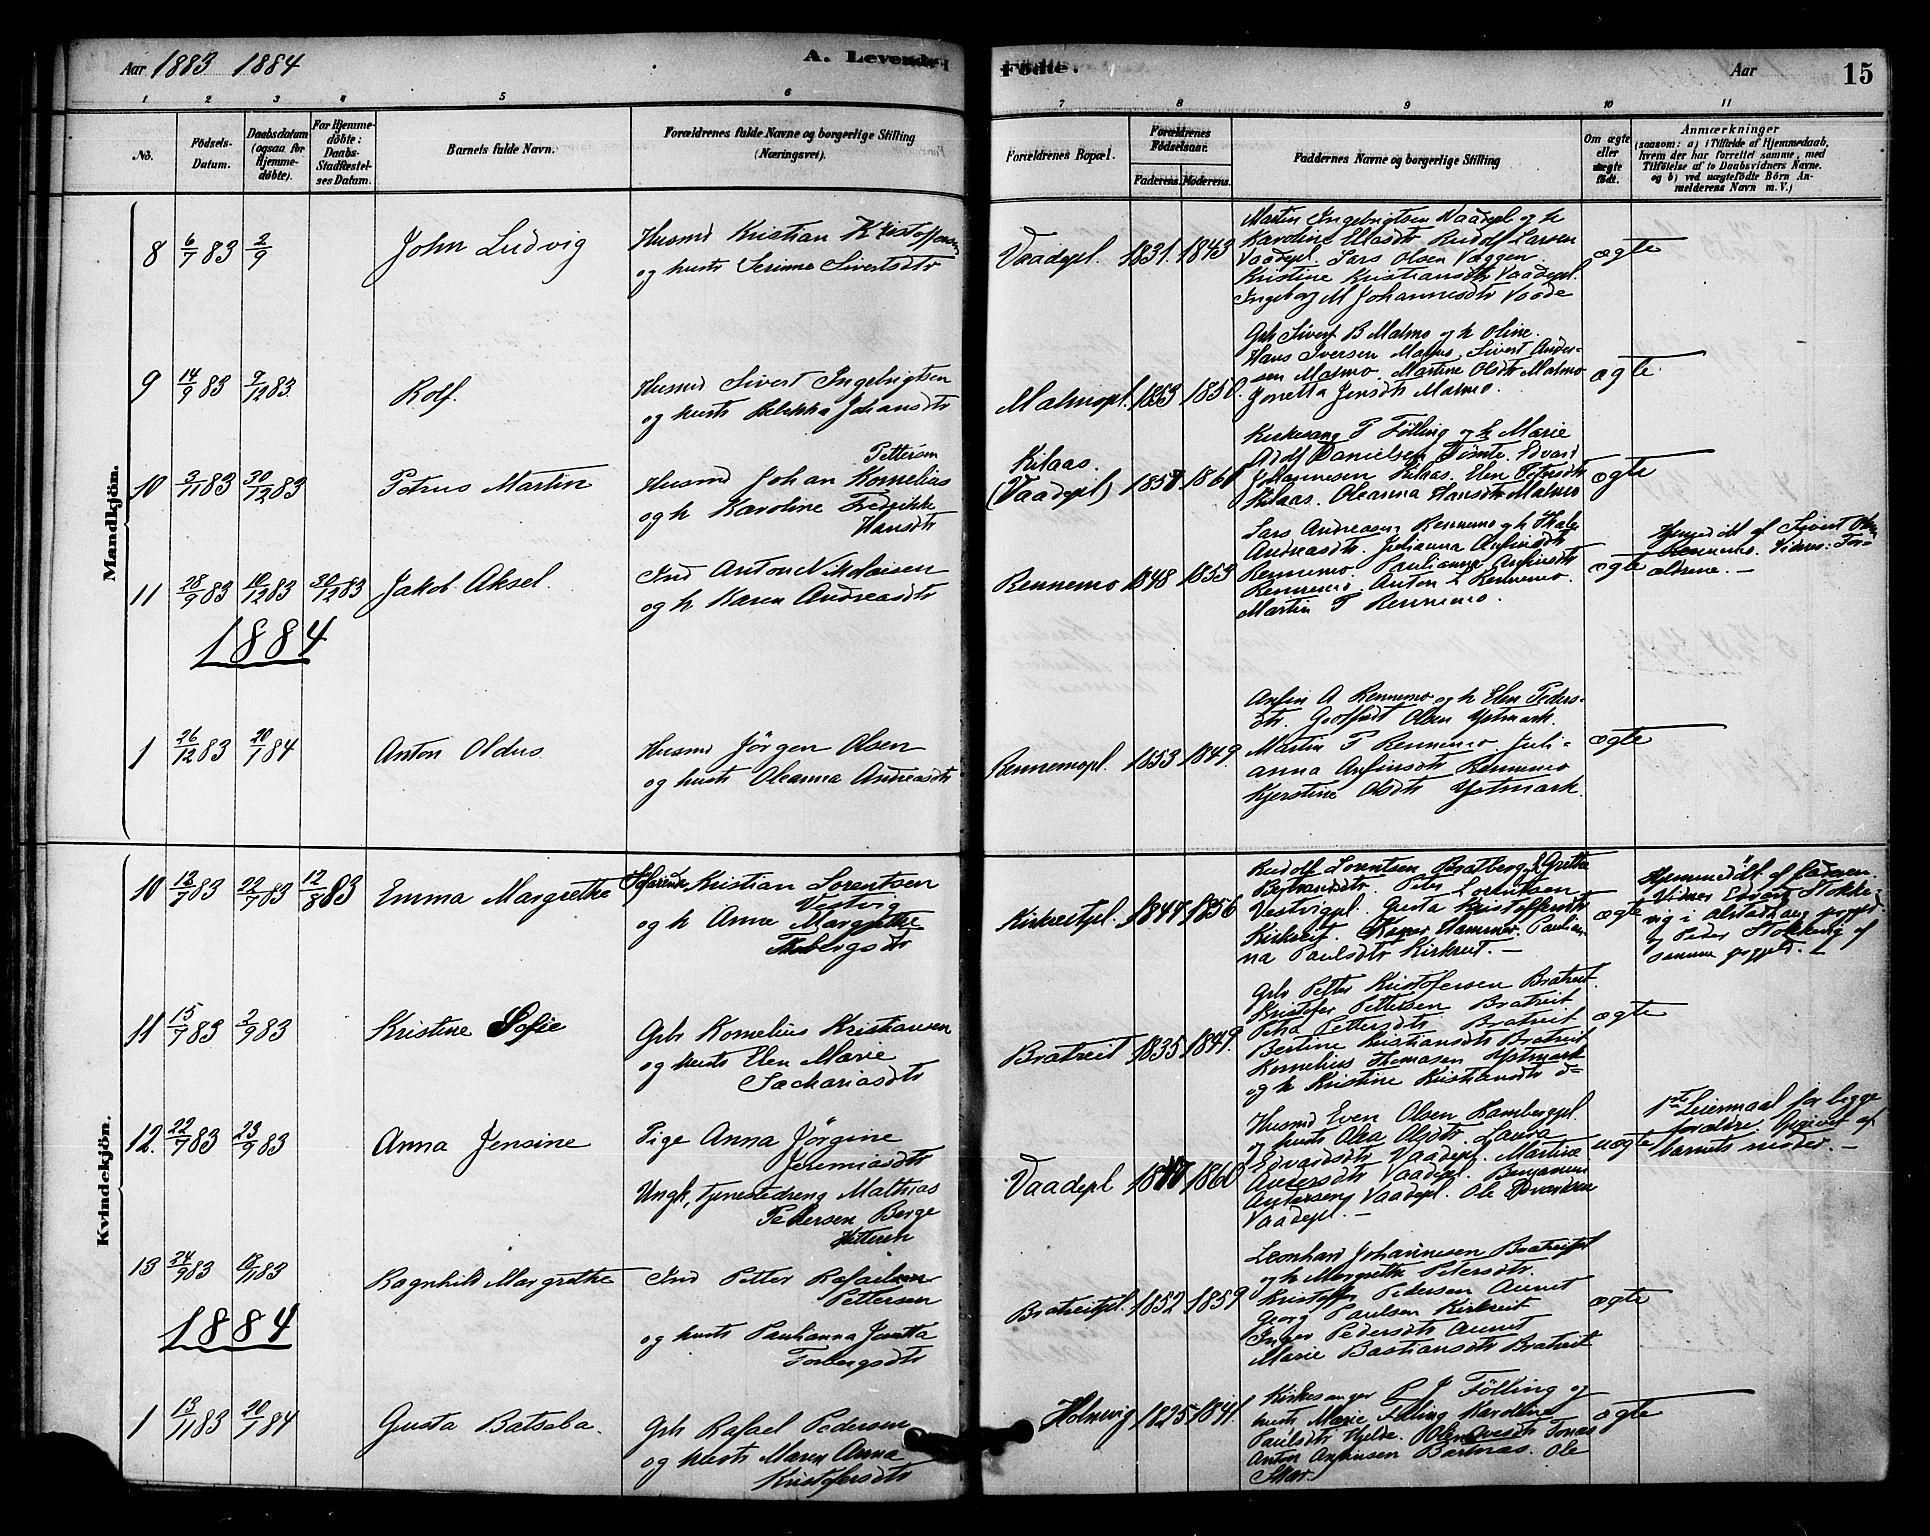 SAT, Ministerialprotokoller, klokkerbøker og fødselsregistre - Nord-Trøndelag, 745/L0429: Ministerialbok nr. 745A01, 1878-1894, s. 15